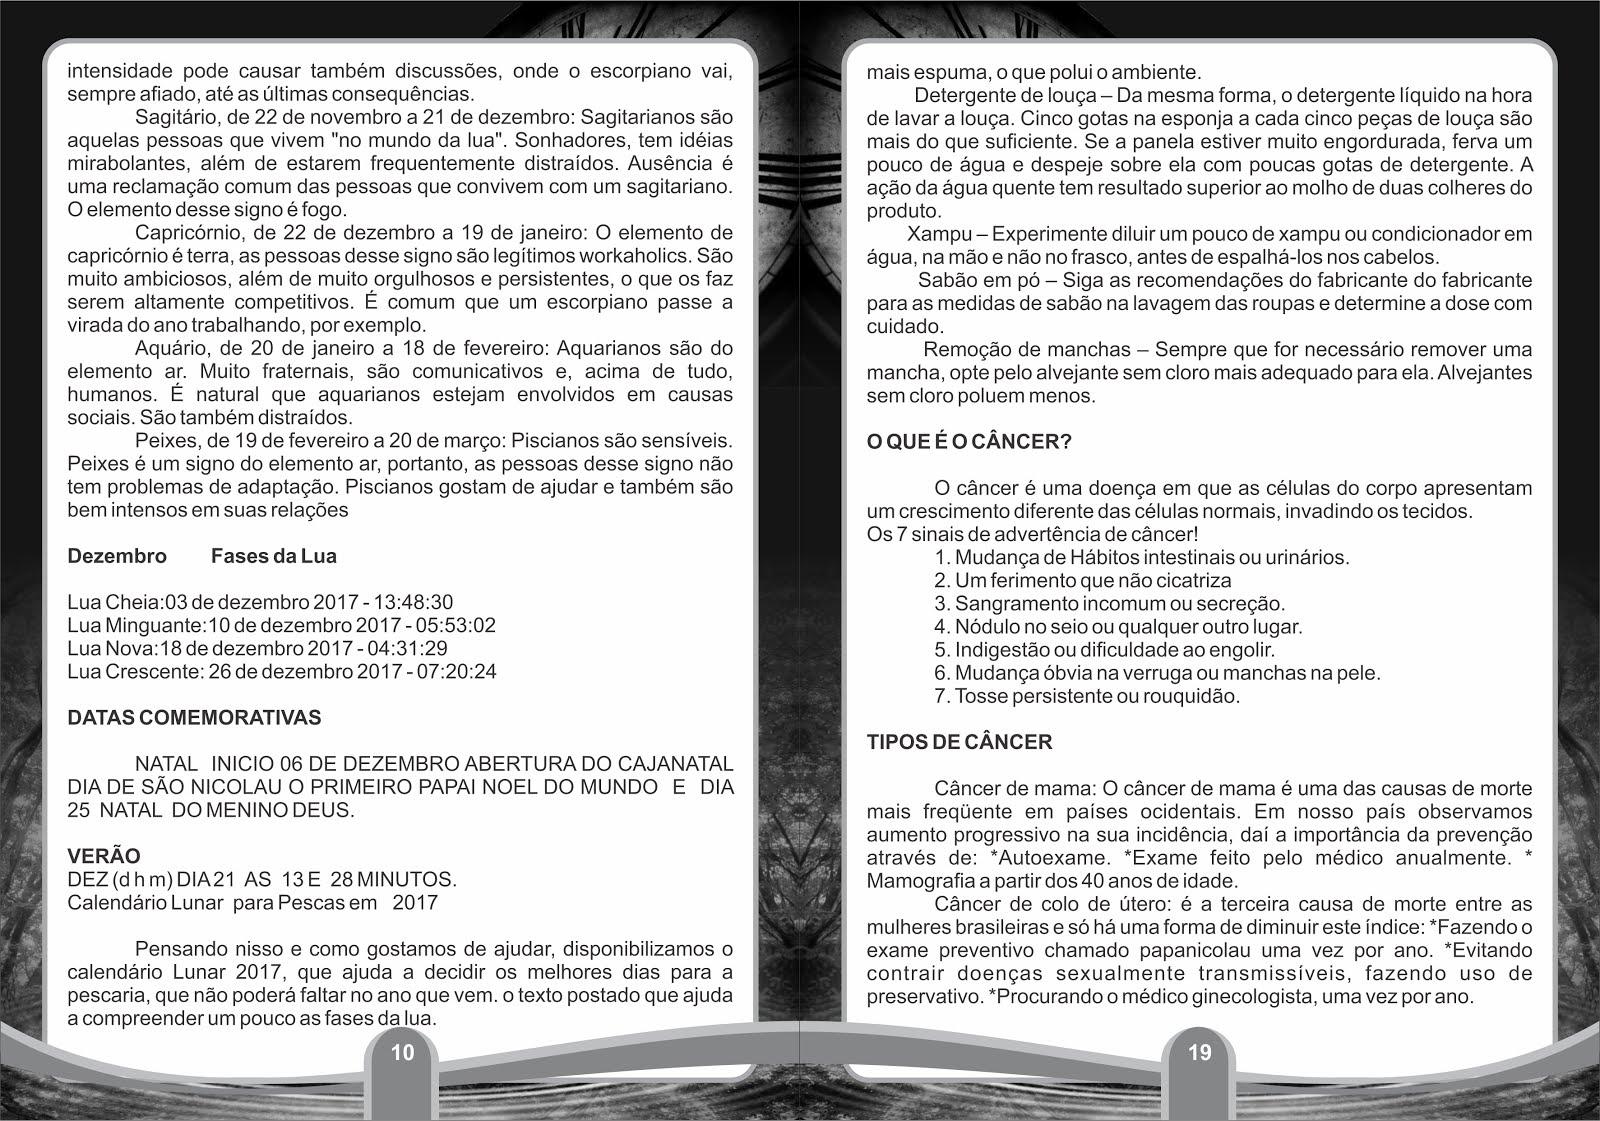 OBRIGADO AOS LEITORES NOSSA FORÇA  MAIOR DE CONTINUAR  ESCREVENDO